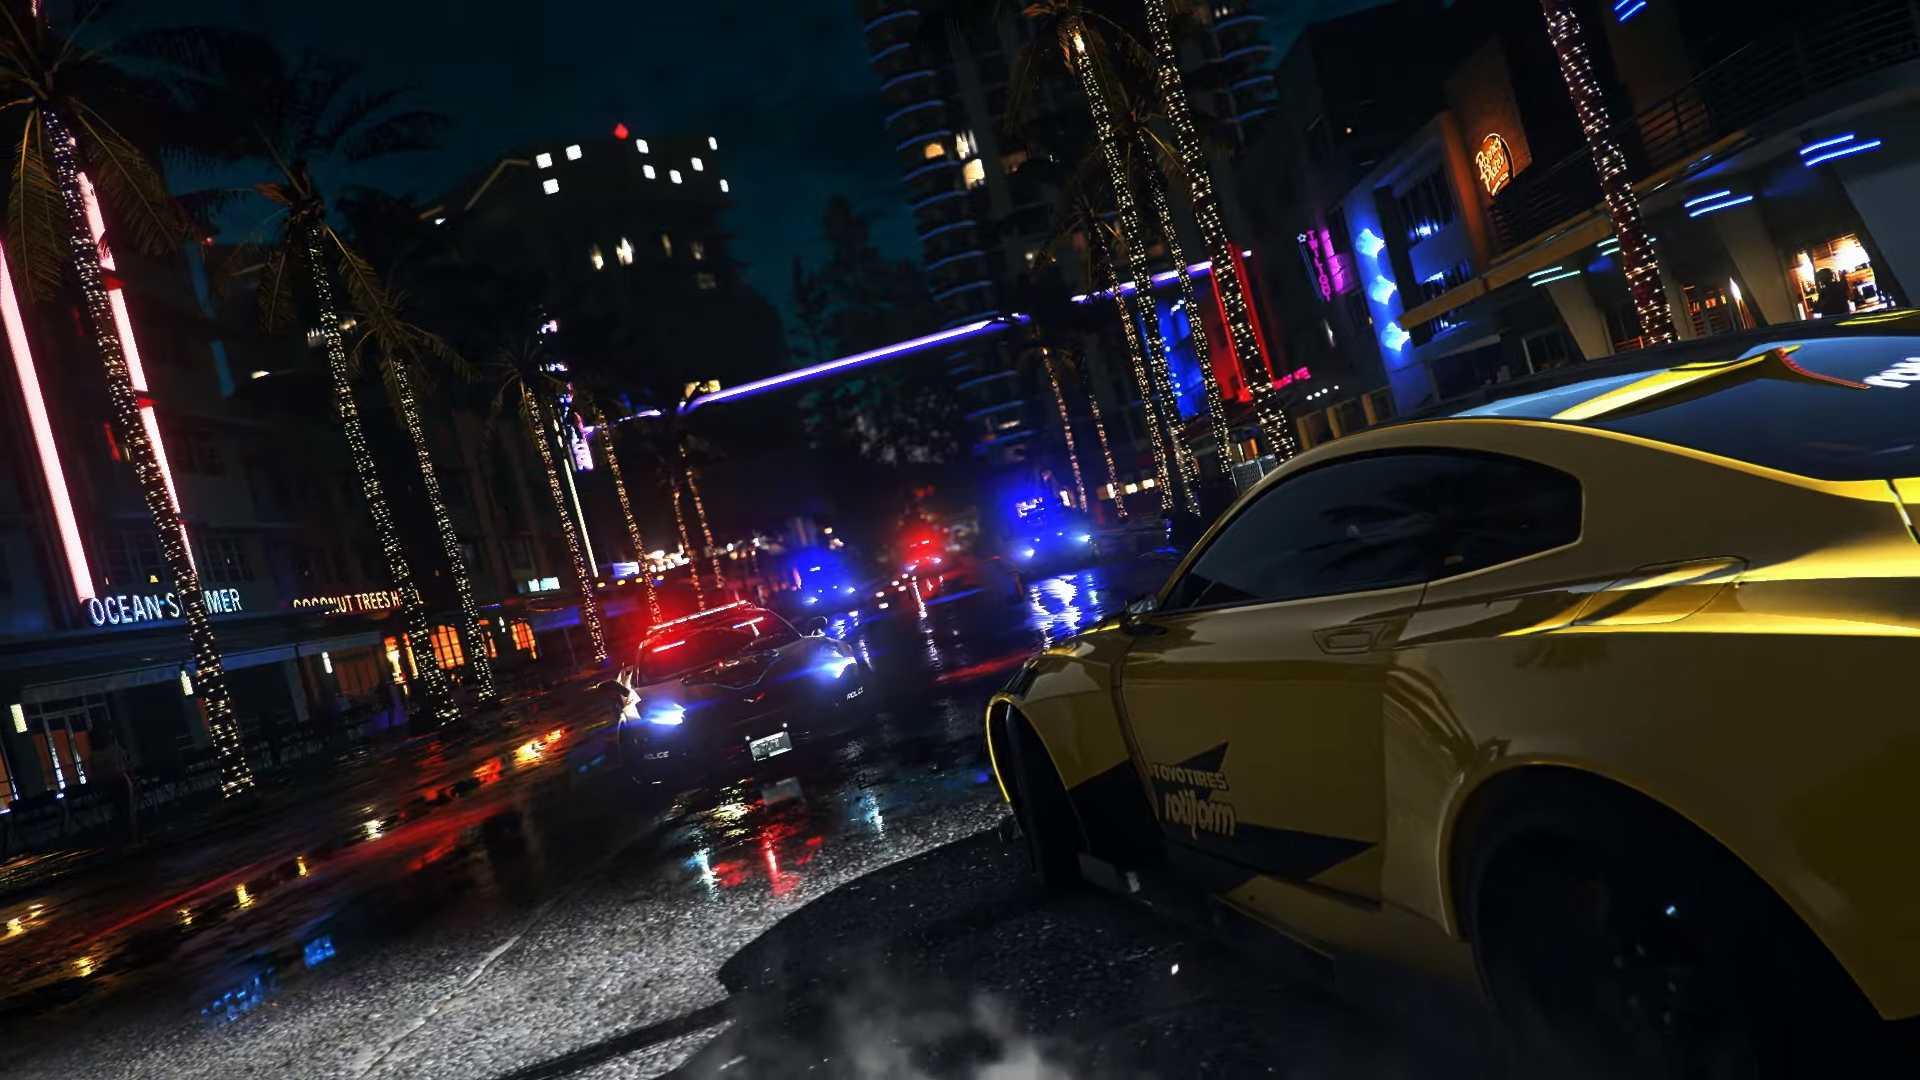 Франшиза Need For Speed является одной из старейших в игровой сфере, начиная с середины 1990-х годов для пользователей ПК и консолей, таких как Sony PlayStation и Sega Saturn первого поколения. Самым последним предложением в этой серии был NFS Paybac